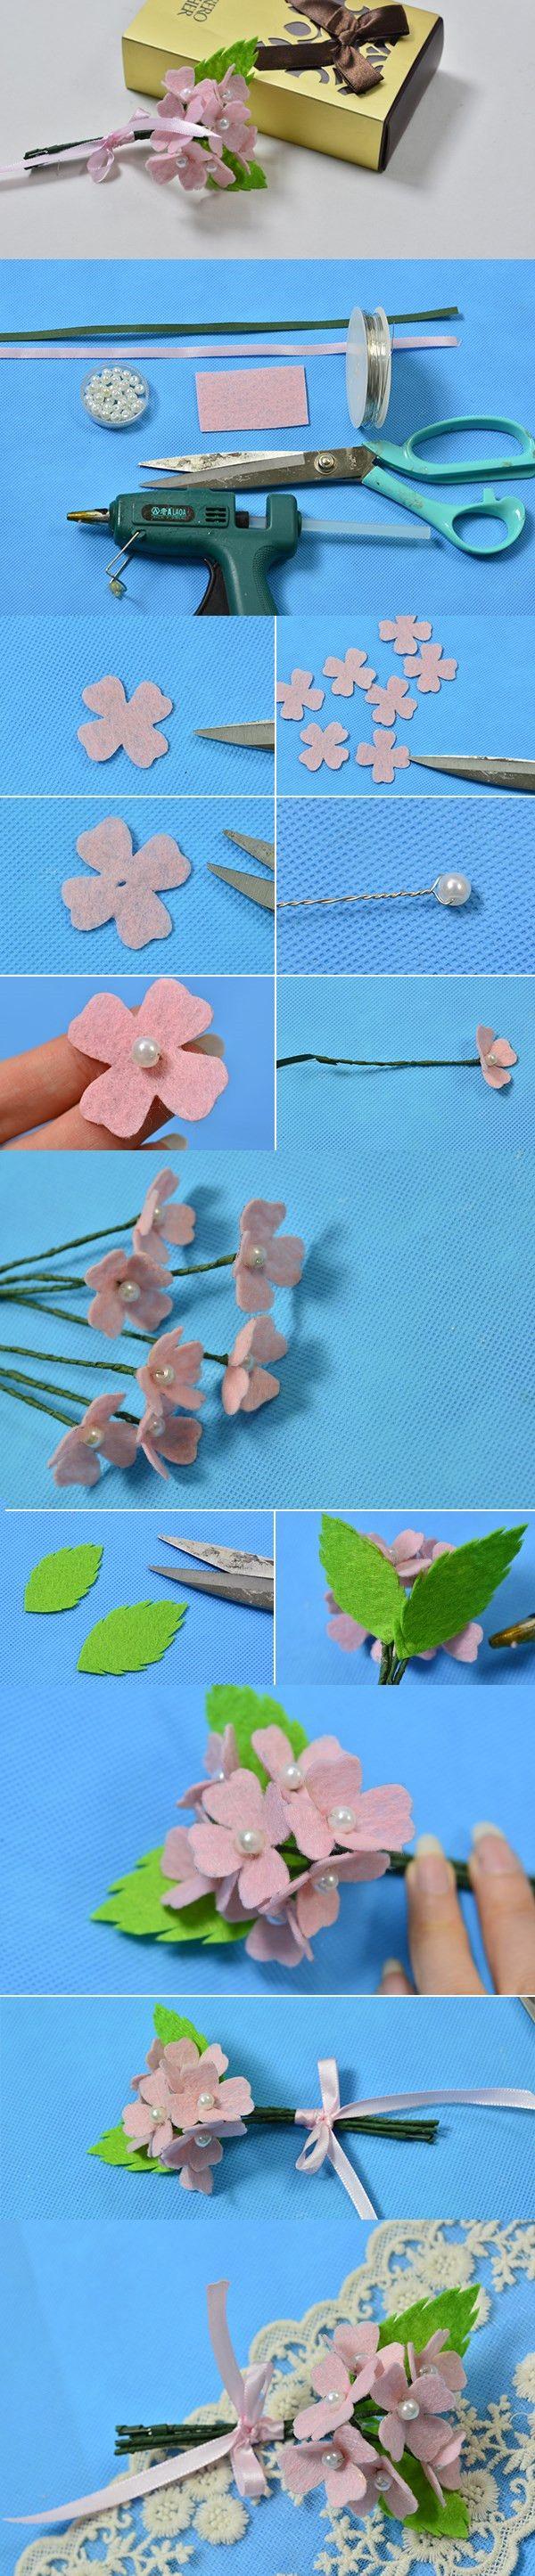 DIY Handmade Pink Felt Flower Bouquet